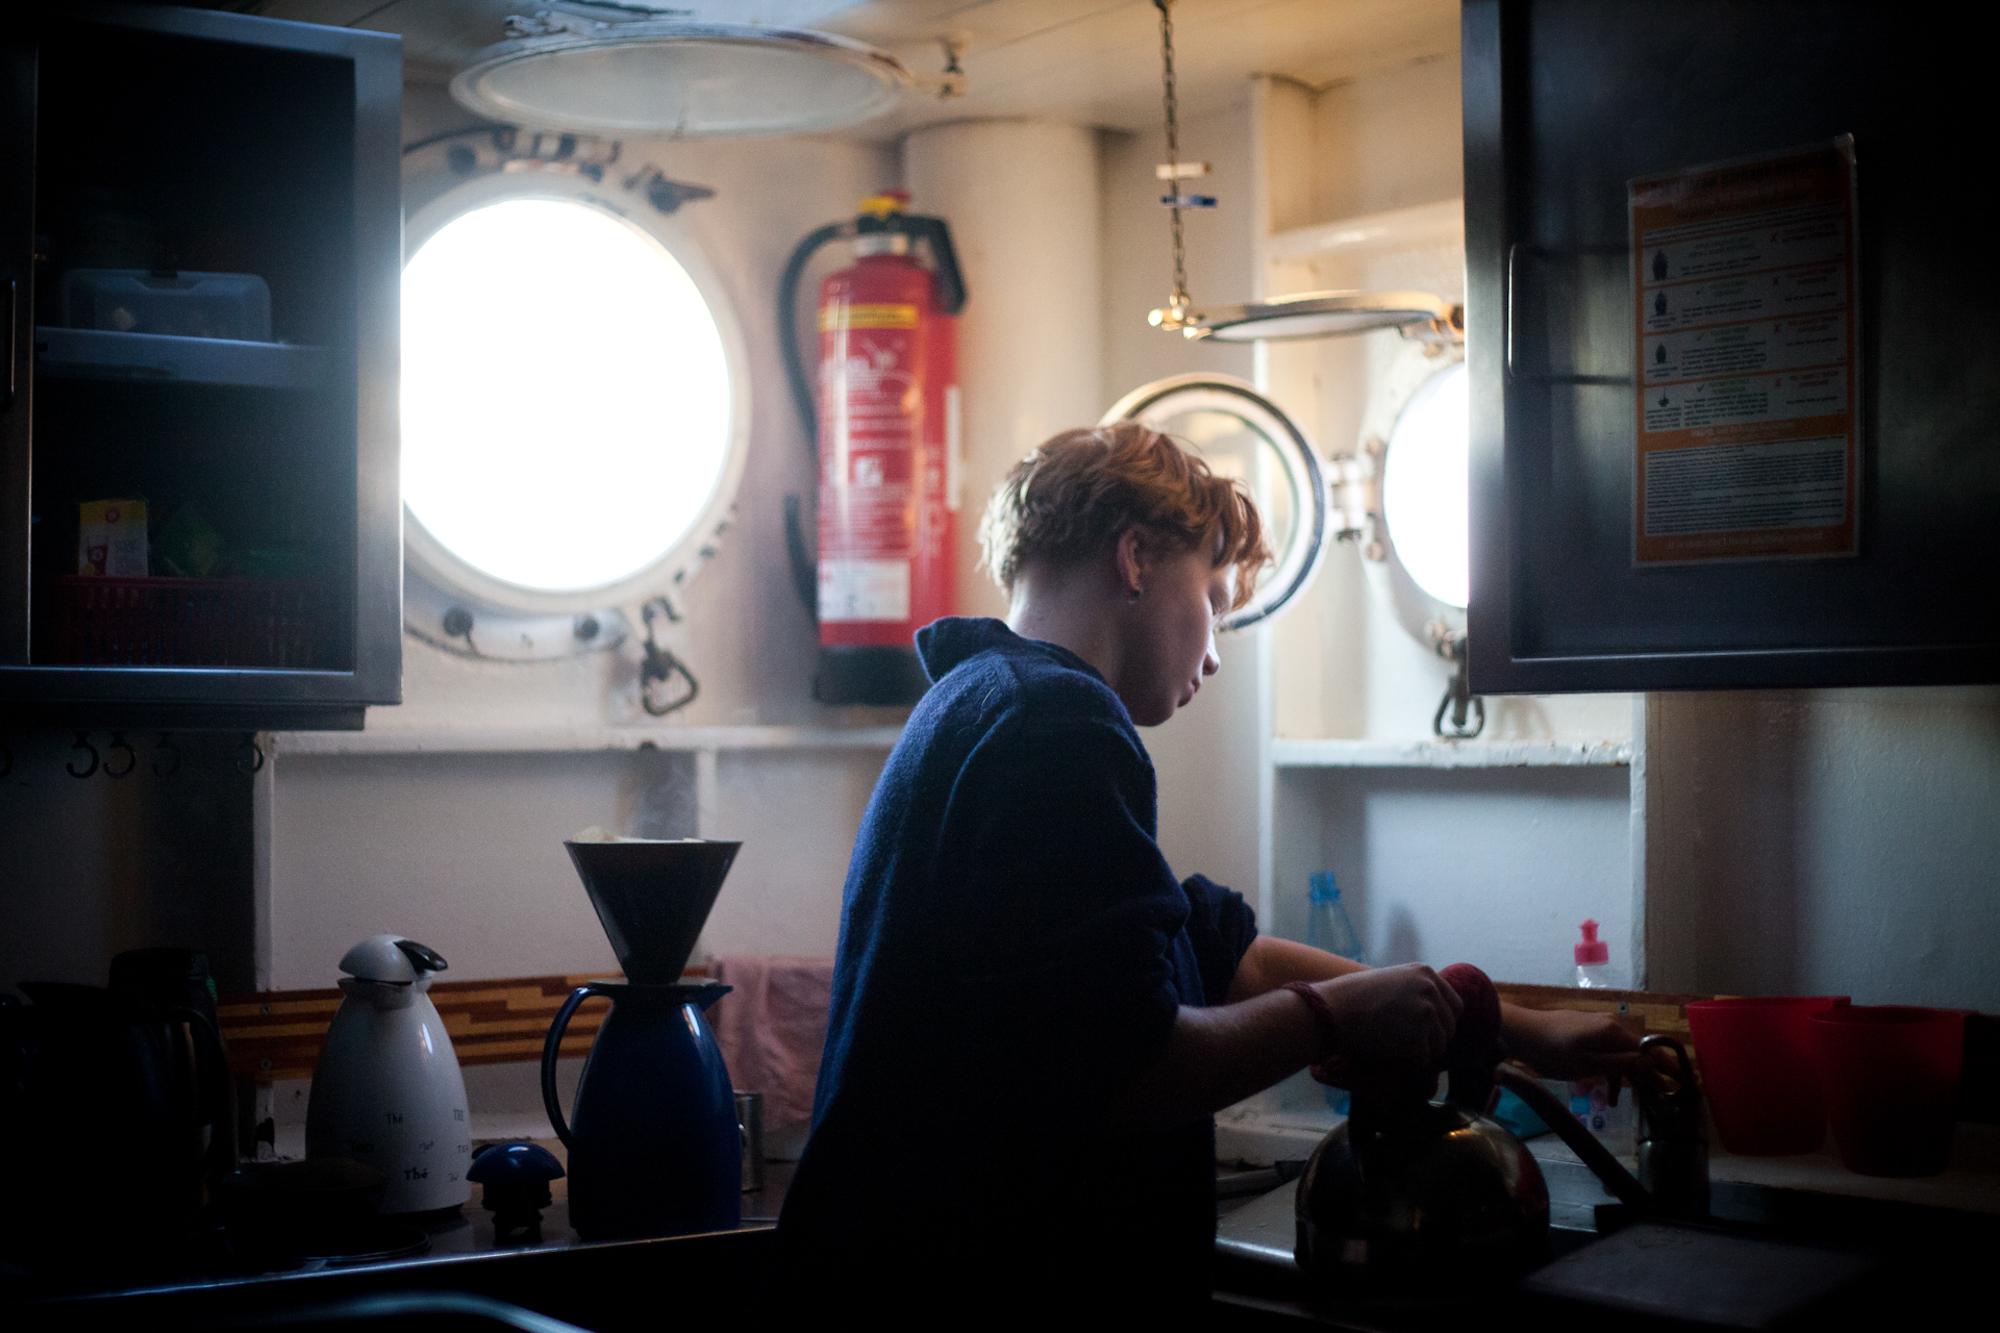 Charlotte Strauss auf dem Schiff Fridjof Nanson wo sie ihren Ausbildungsturn om 31. 7 bis 5. 8 absolviert. Fotograf: Evi Lemberger